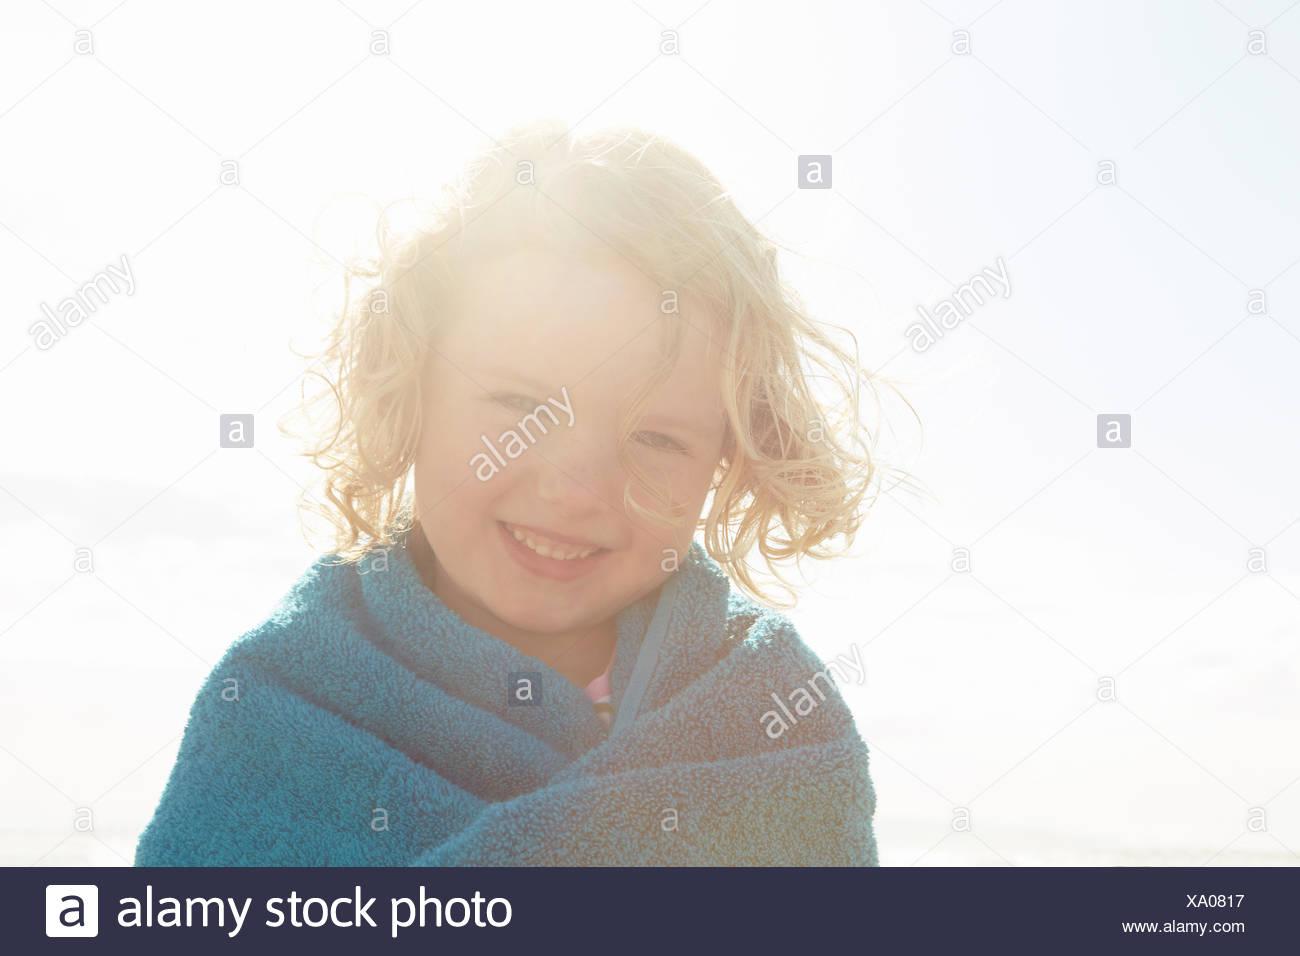 Ritratto di ragazza avvolto in asciugamano a costa soleggiata Immagini Stock